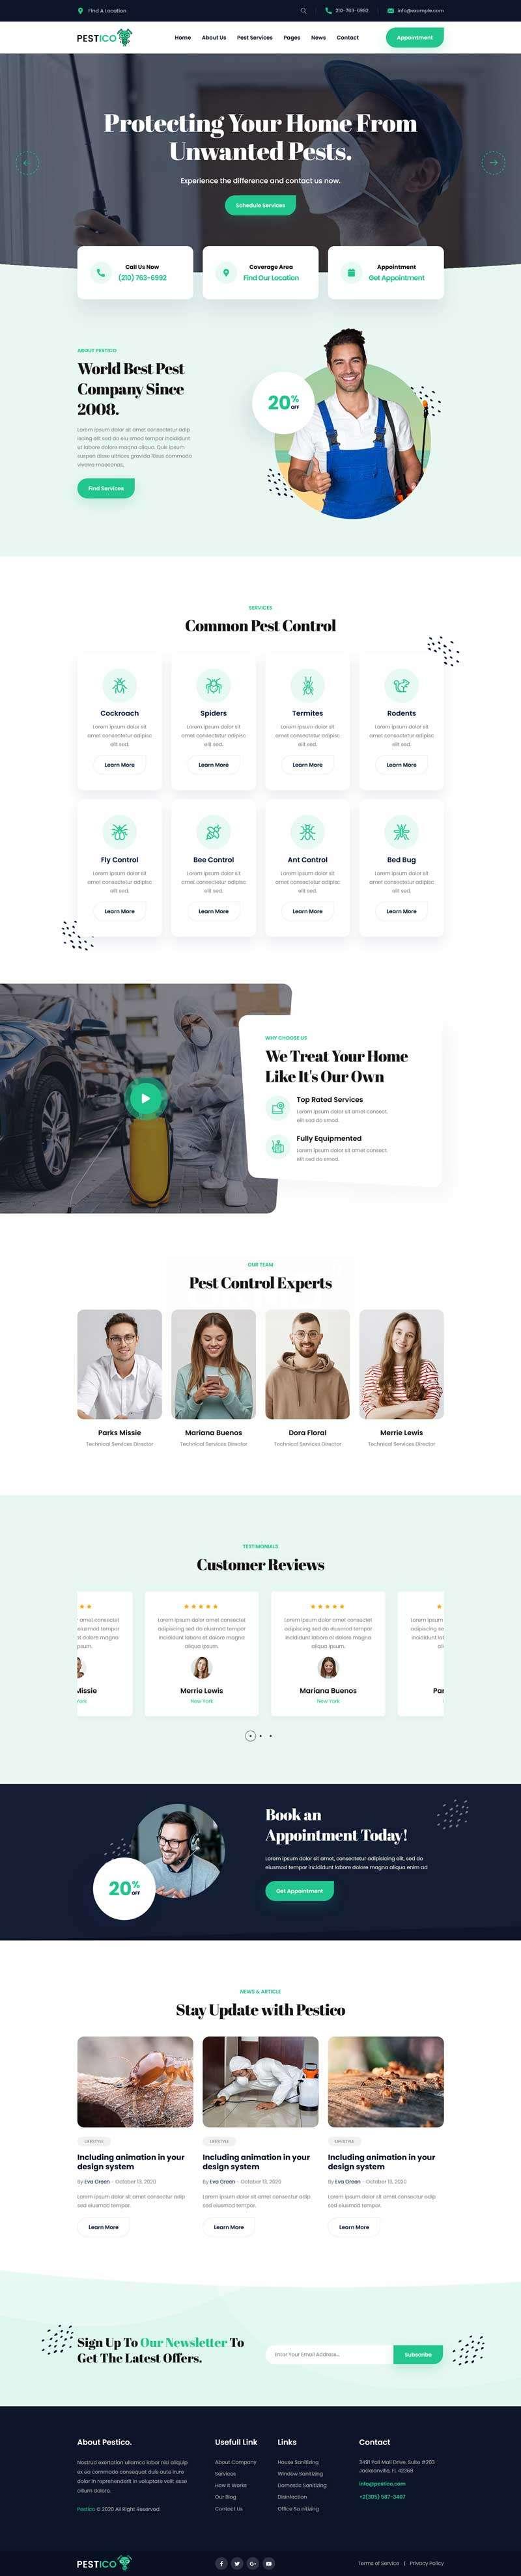 害虫防治服务公司官网html模板